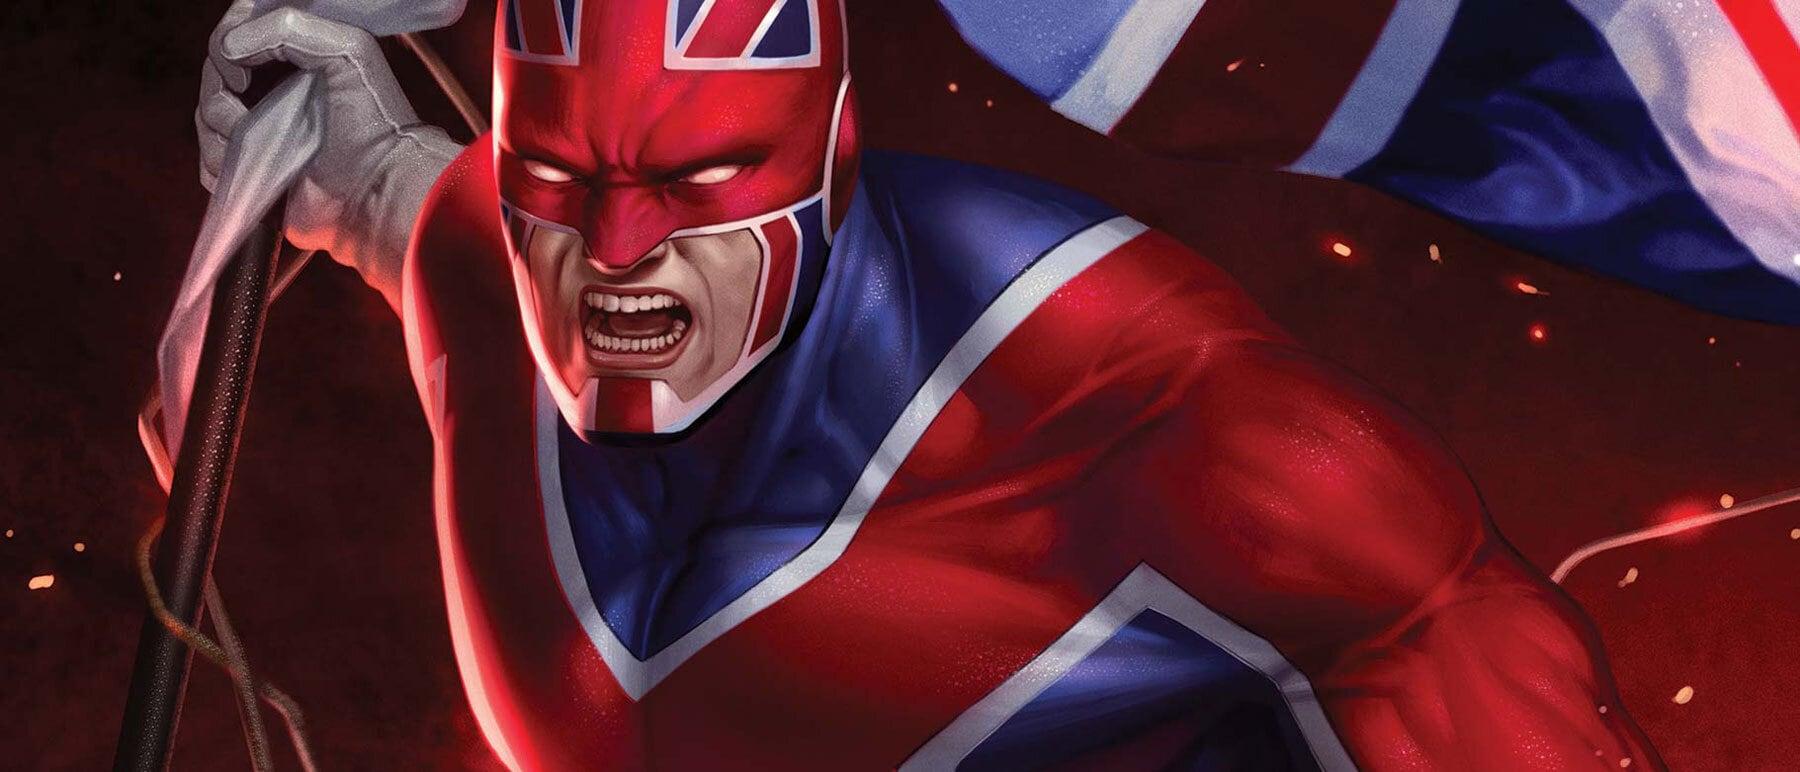 Captain-Britain-Marvel-MCU